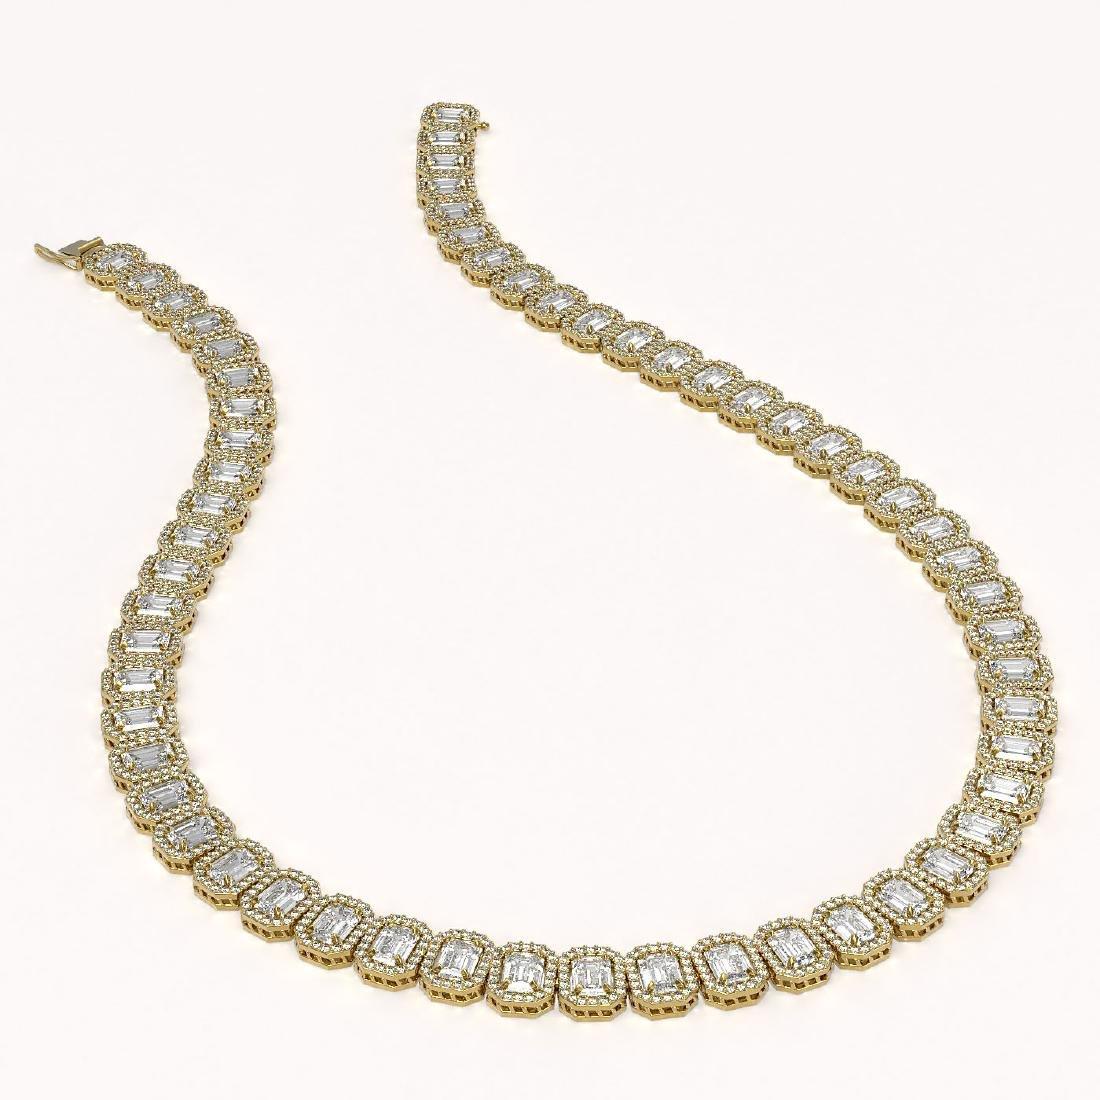 40.3 CTW Emerald Cut Diamond Designer Necklace 18K - 2